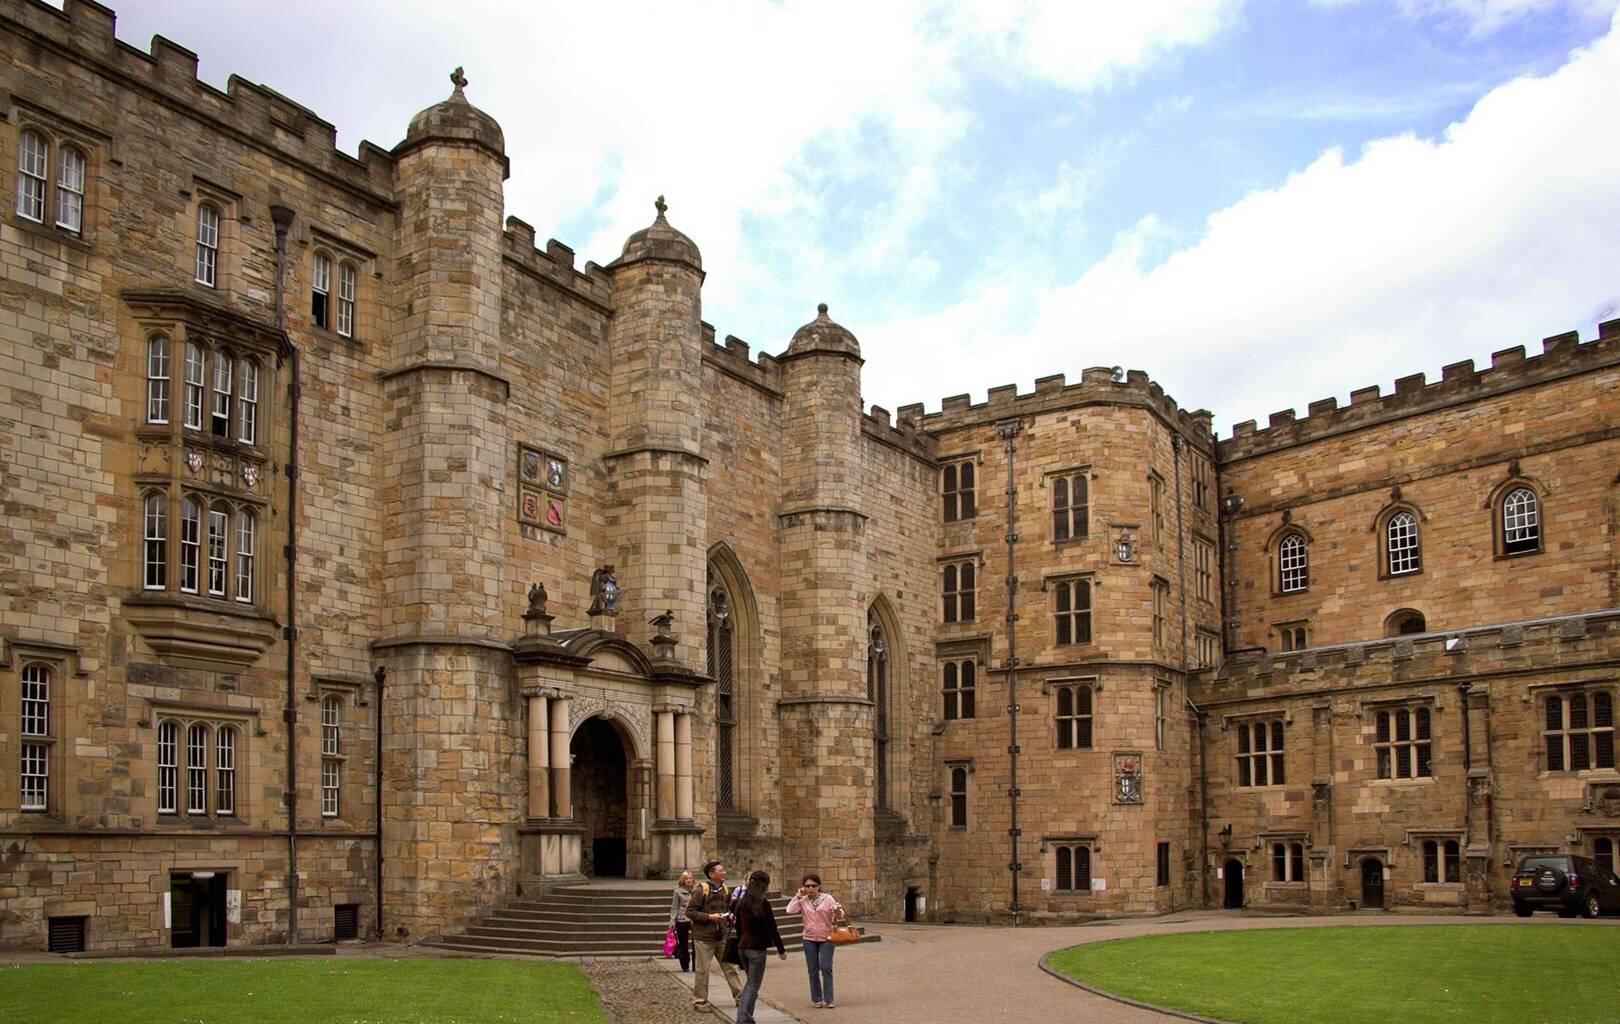 Durham Üniversitesi yönetimi, yaptığı açıklamayla hapis cezasını kınadı.